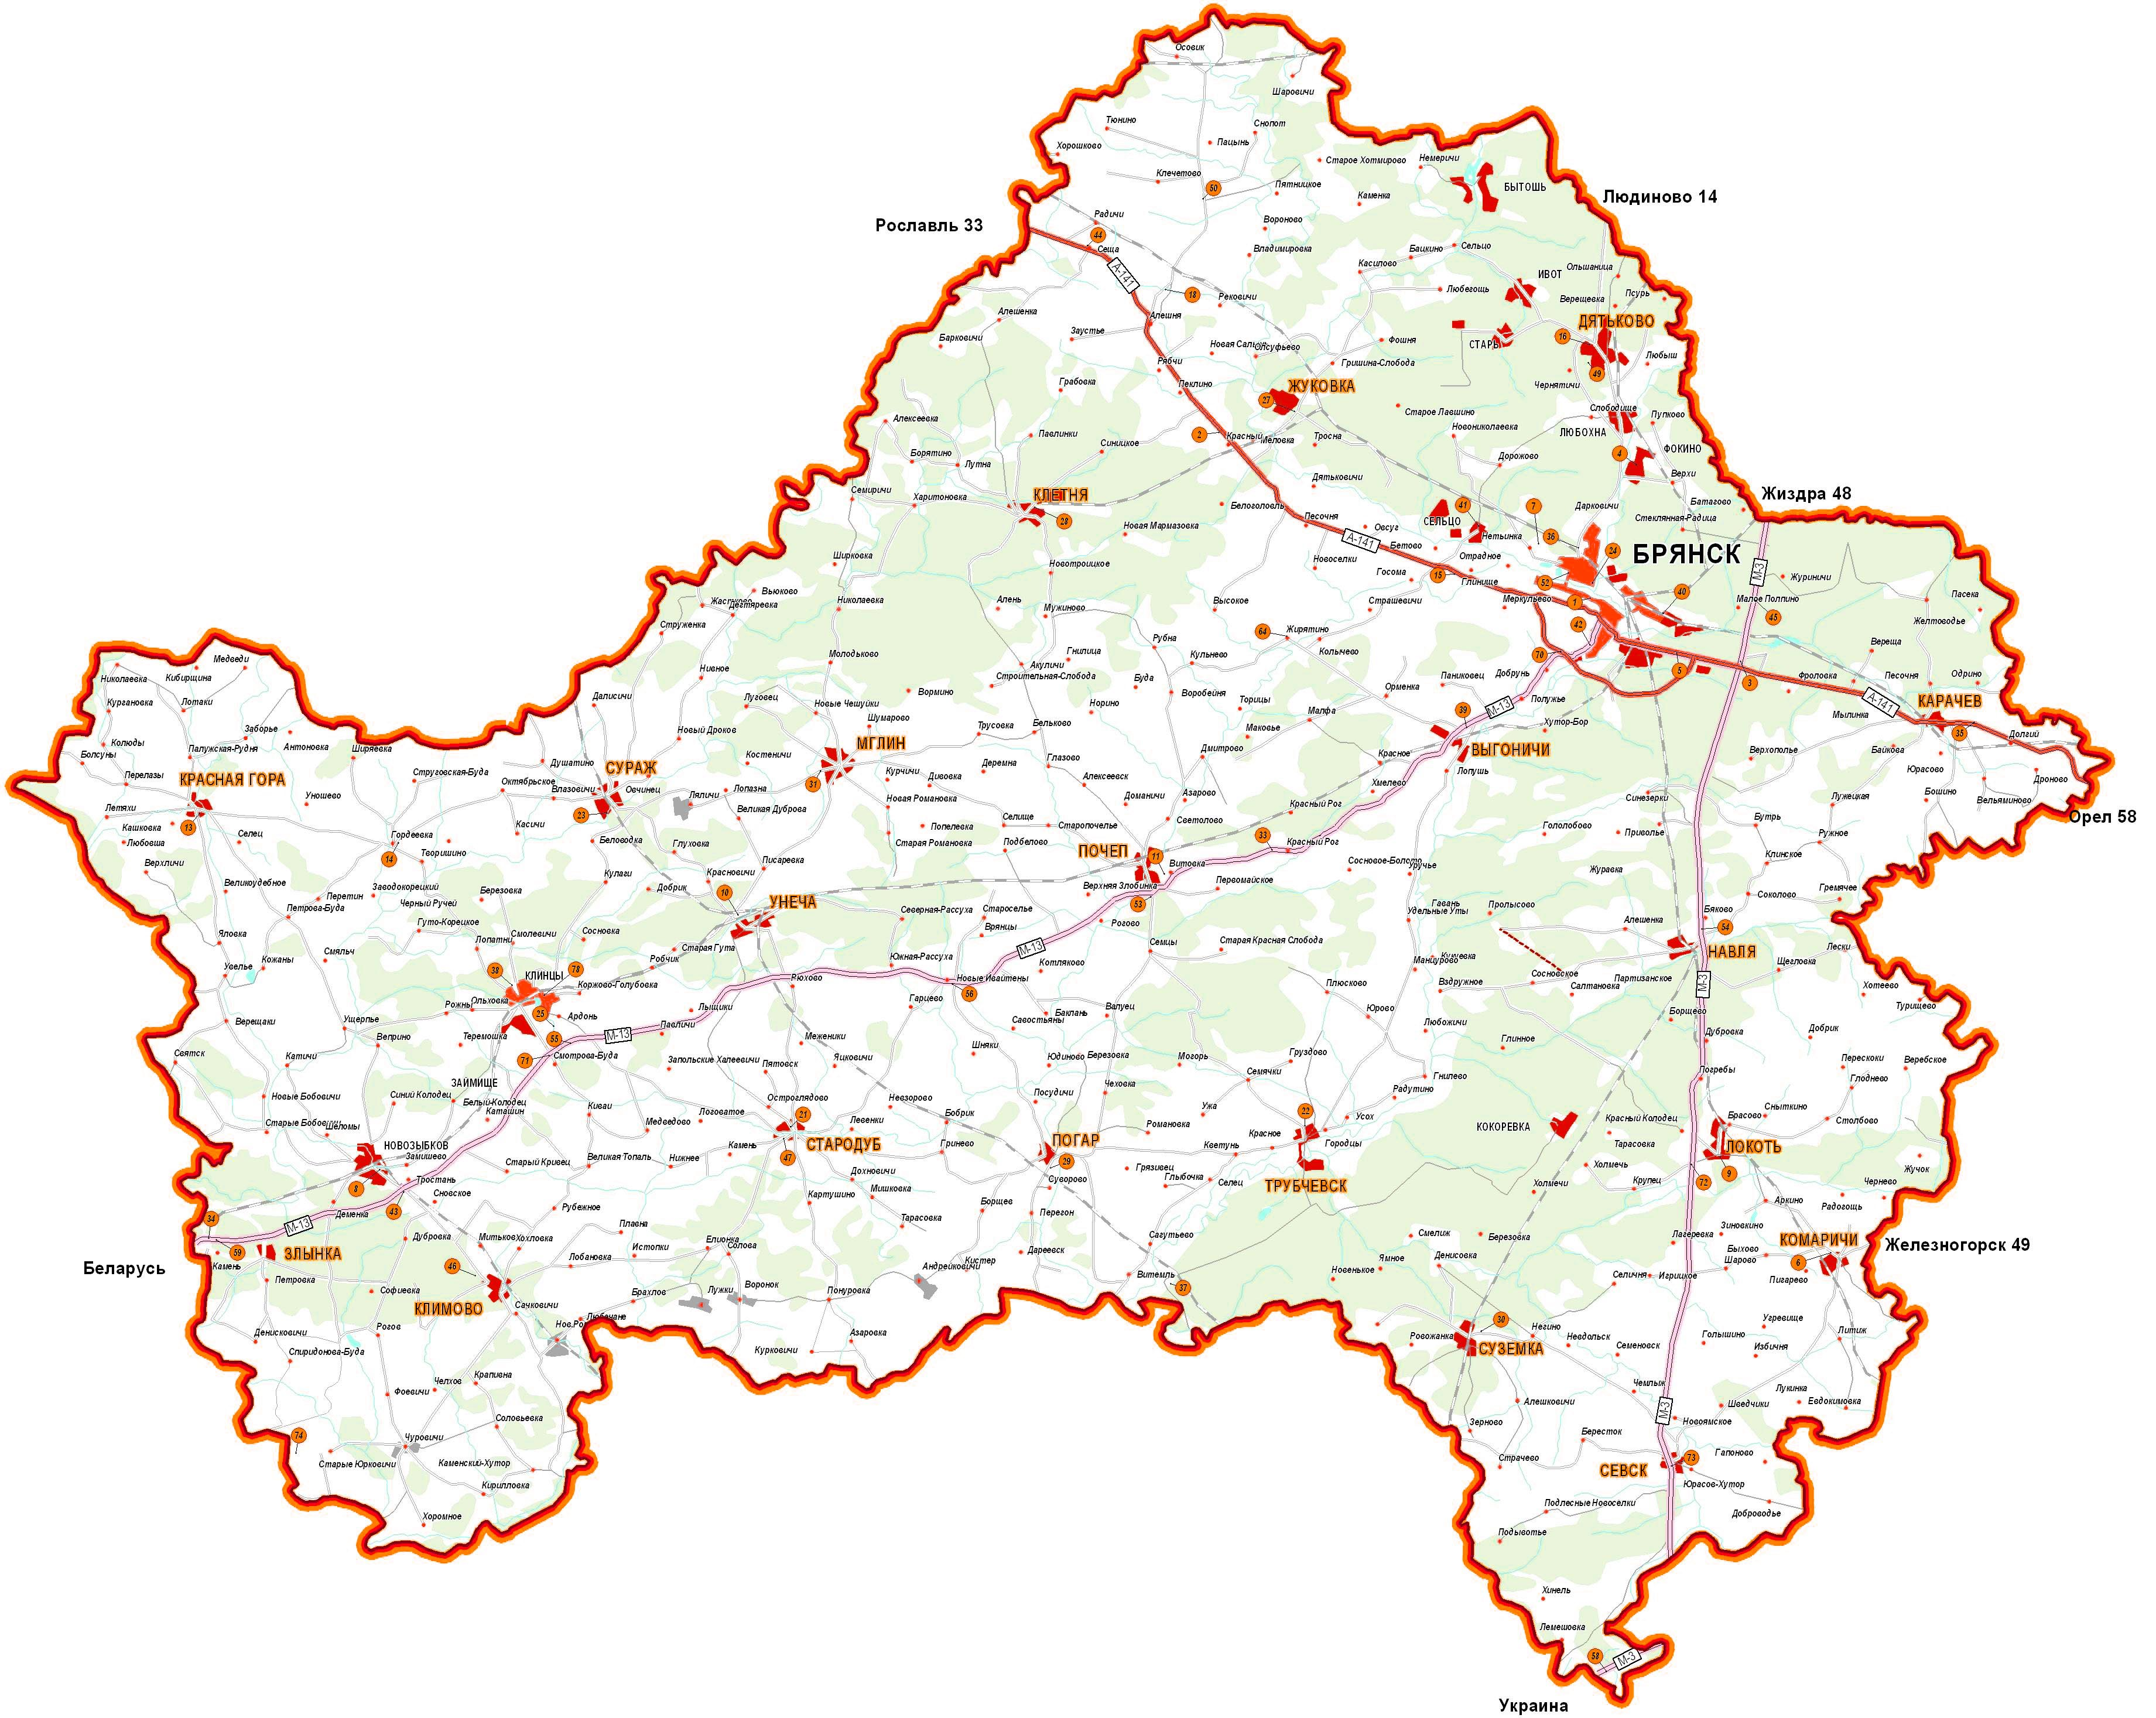 комнатные брянская область карта картинка это просто какой-то